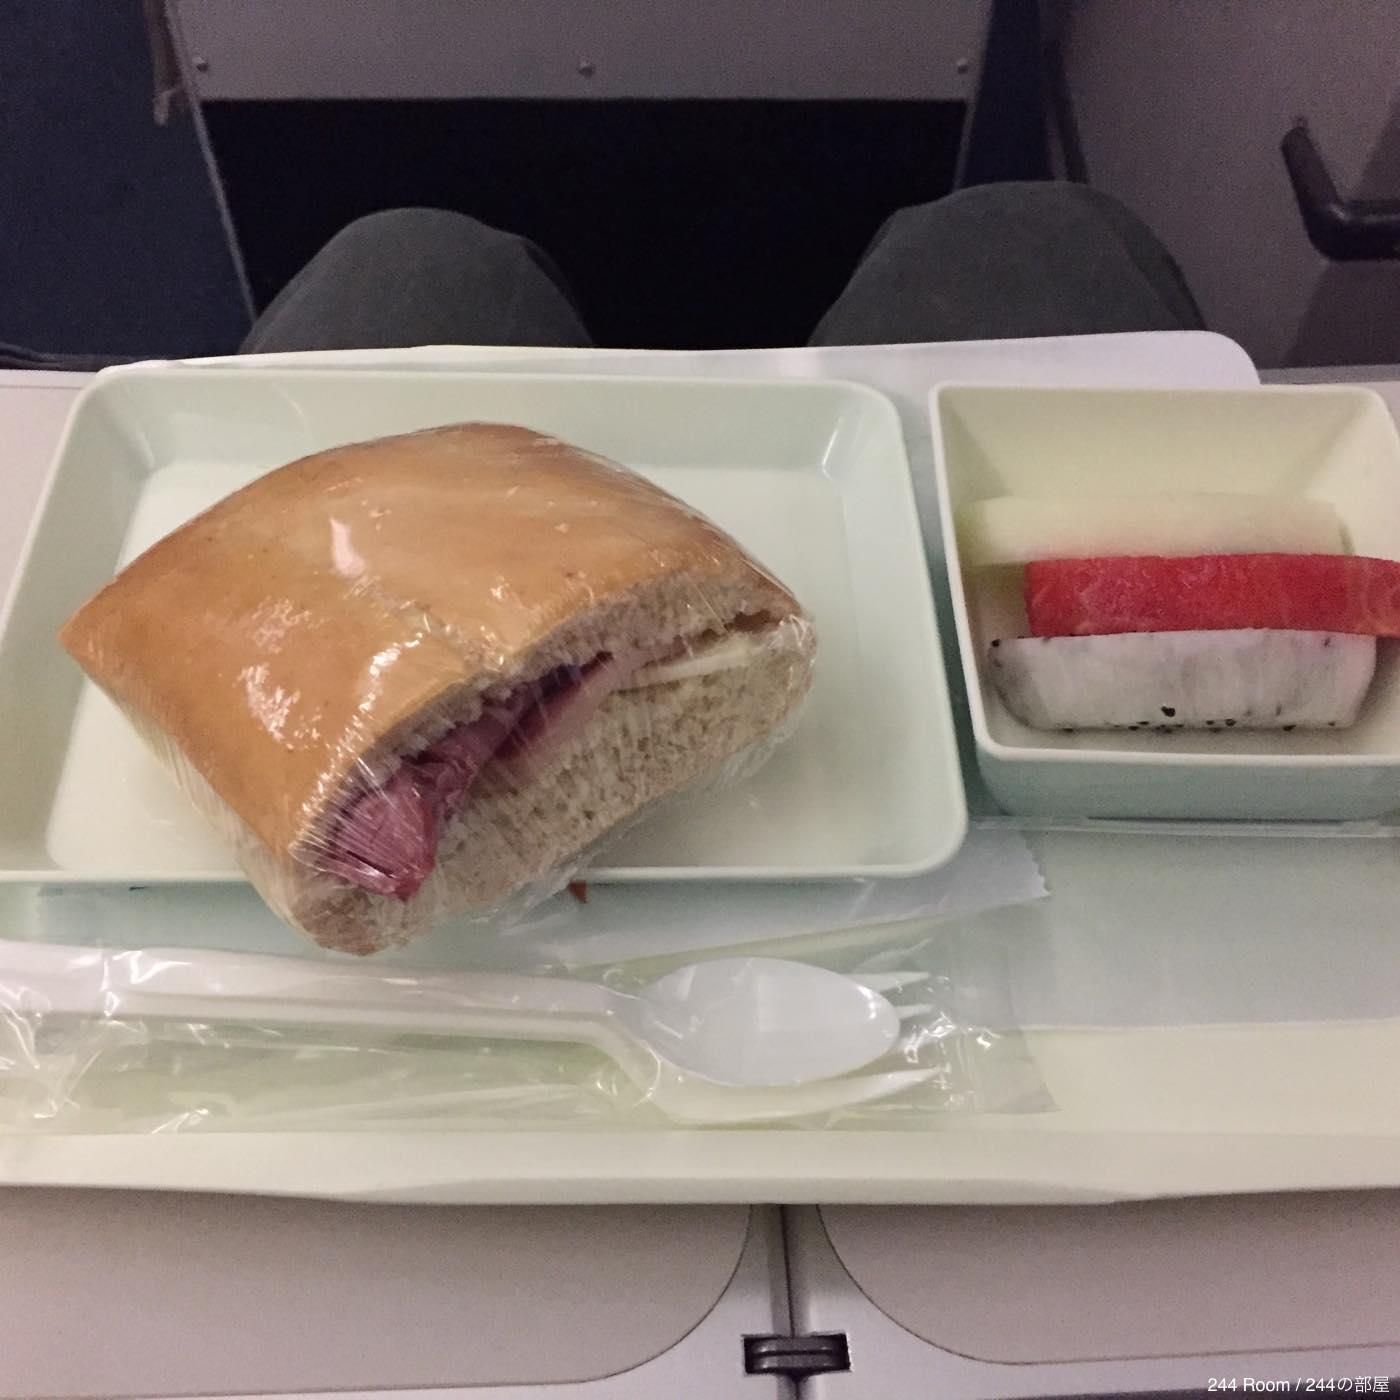 ベトナム航空国内線機内食 Vietnamairlines-domestic-flightmeal